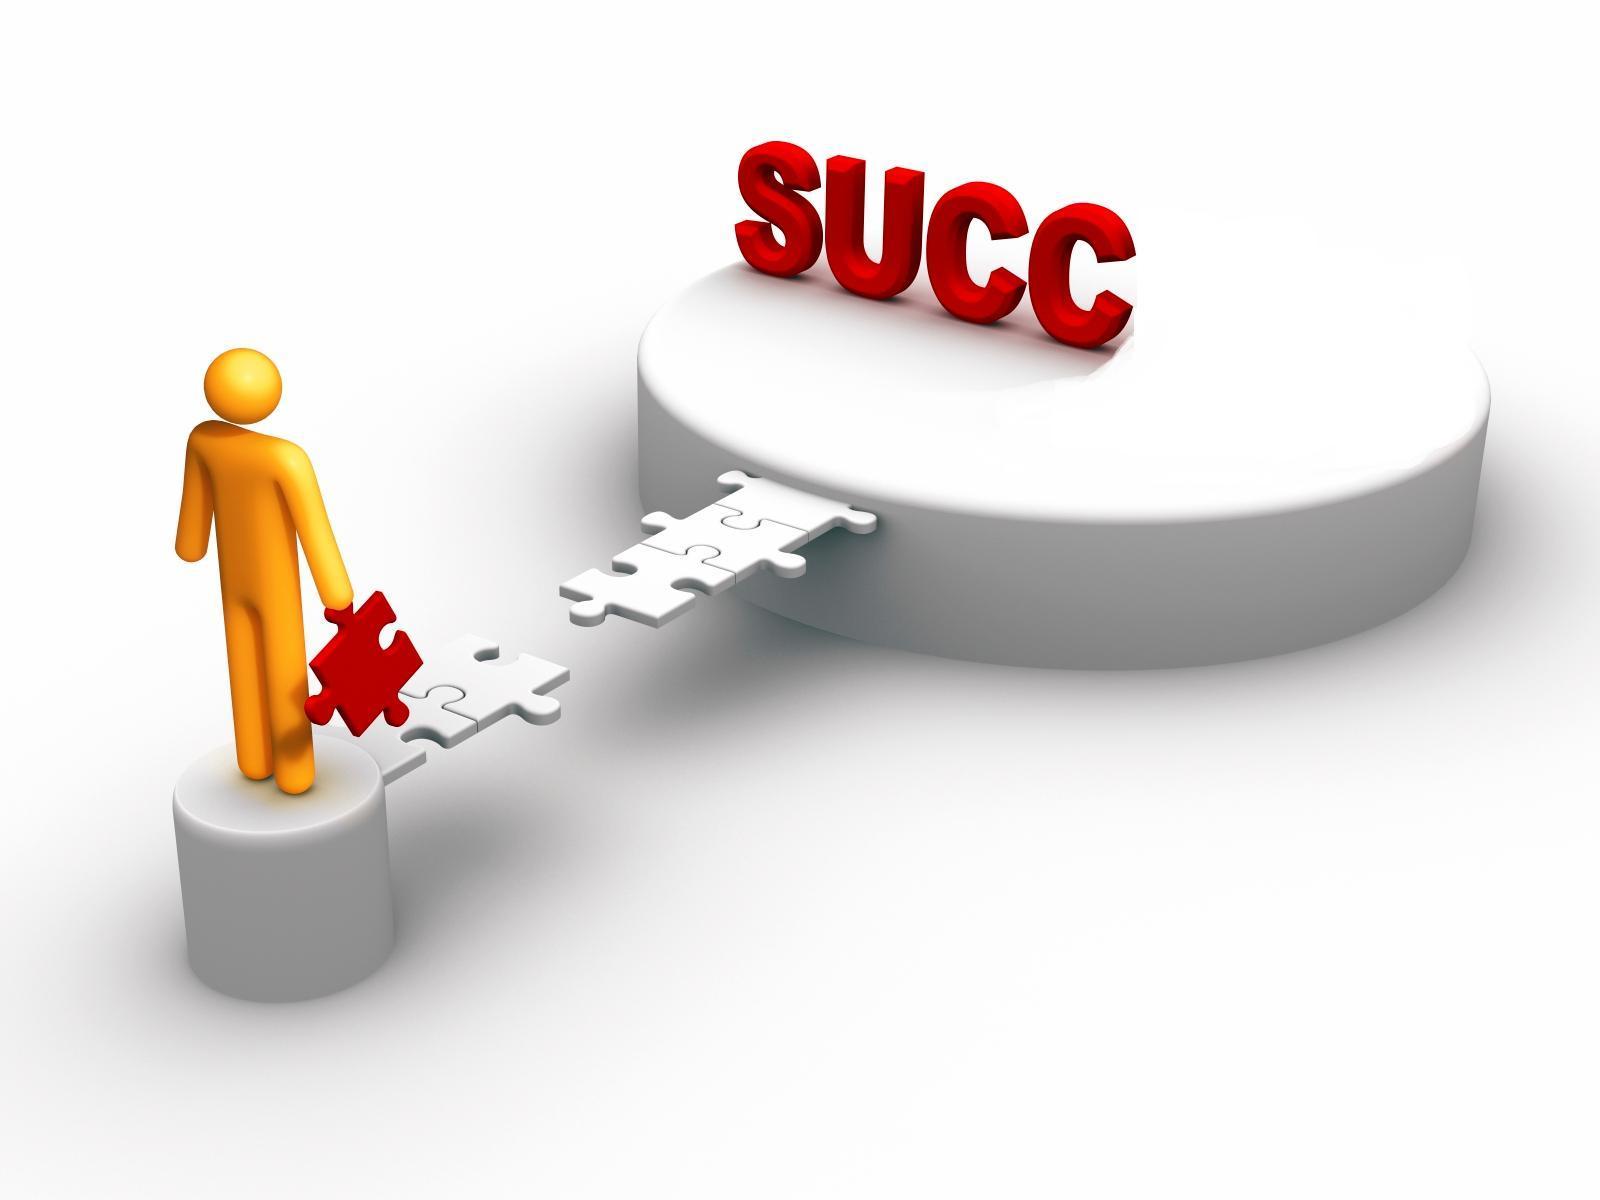 IntraKing.com - Mọi Kỹ năng giúp mọi người thành công ở trong doanh nghiệp